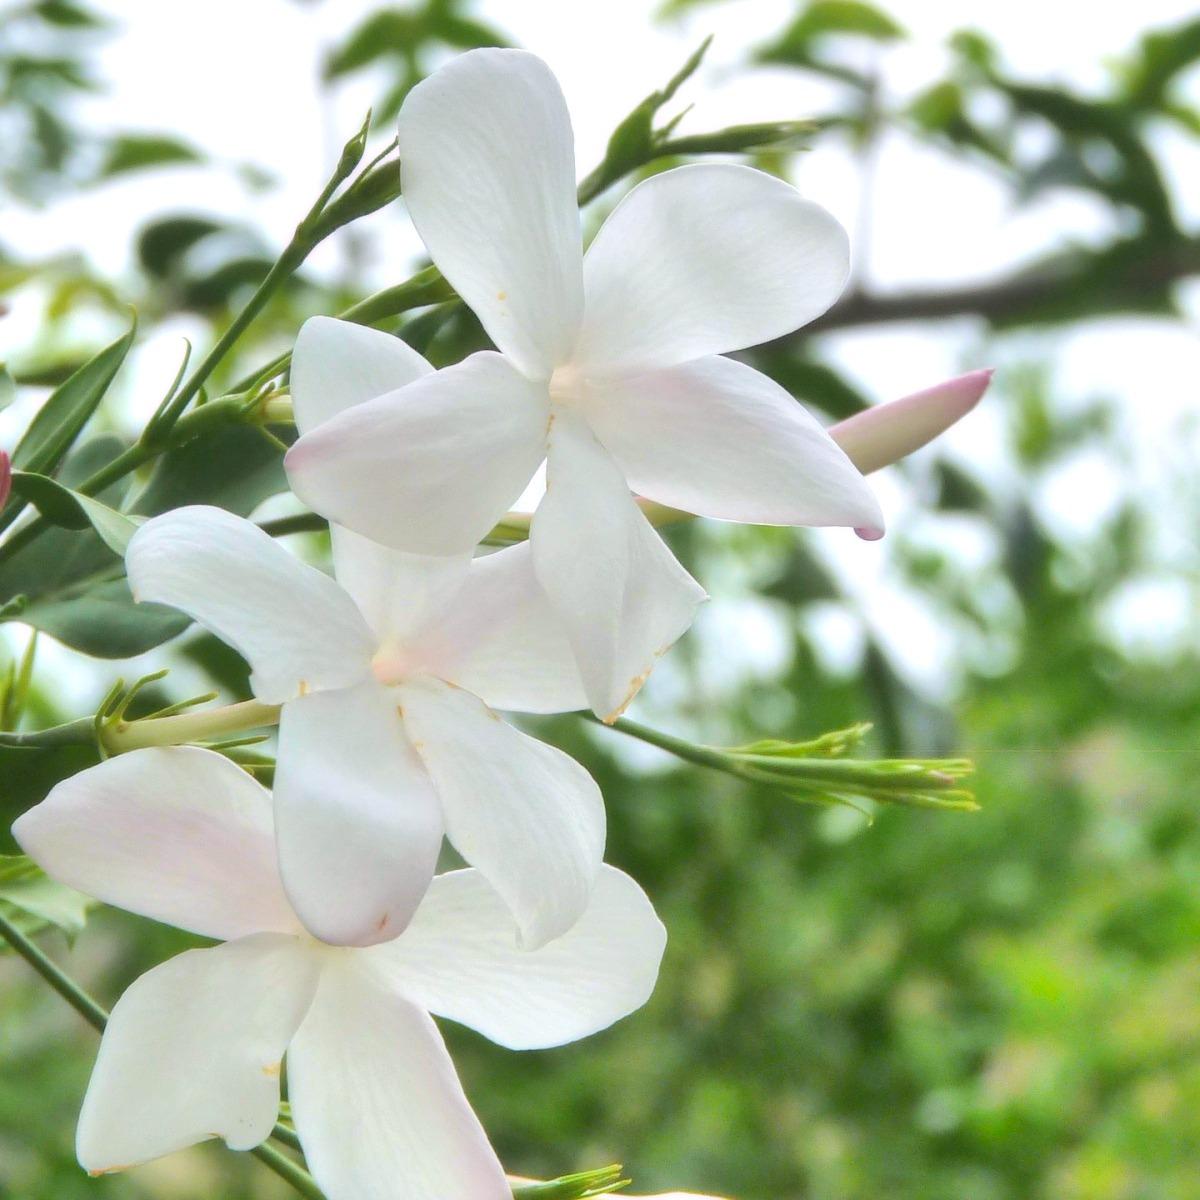 ジャスミン(アブソリュート)精油の効果効能とおすすめの使い方、相性の良い香り